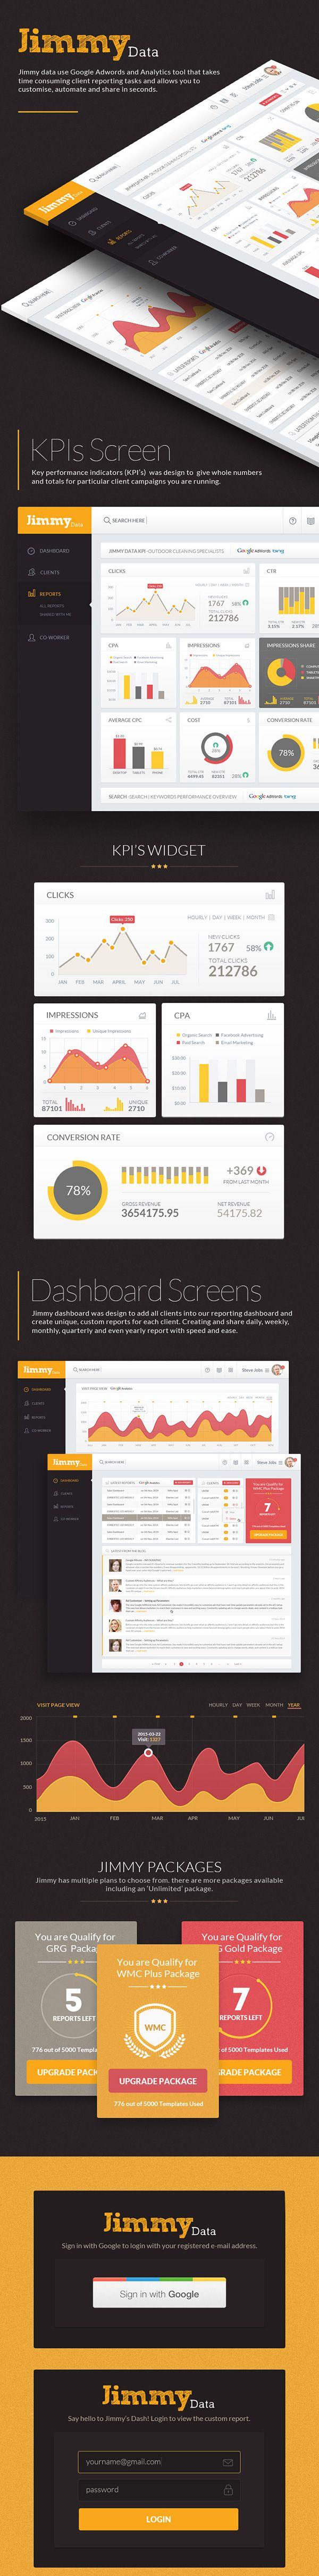 20个令人震惊的个人中心页面(Dashboard仪表盘)设计欣赏Jimmy-Data-UIUX-Dashboard-22838159